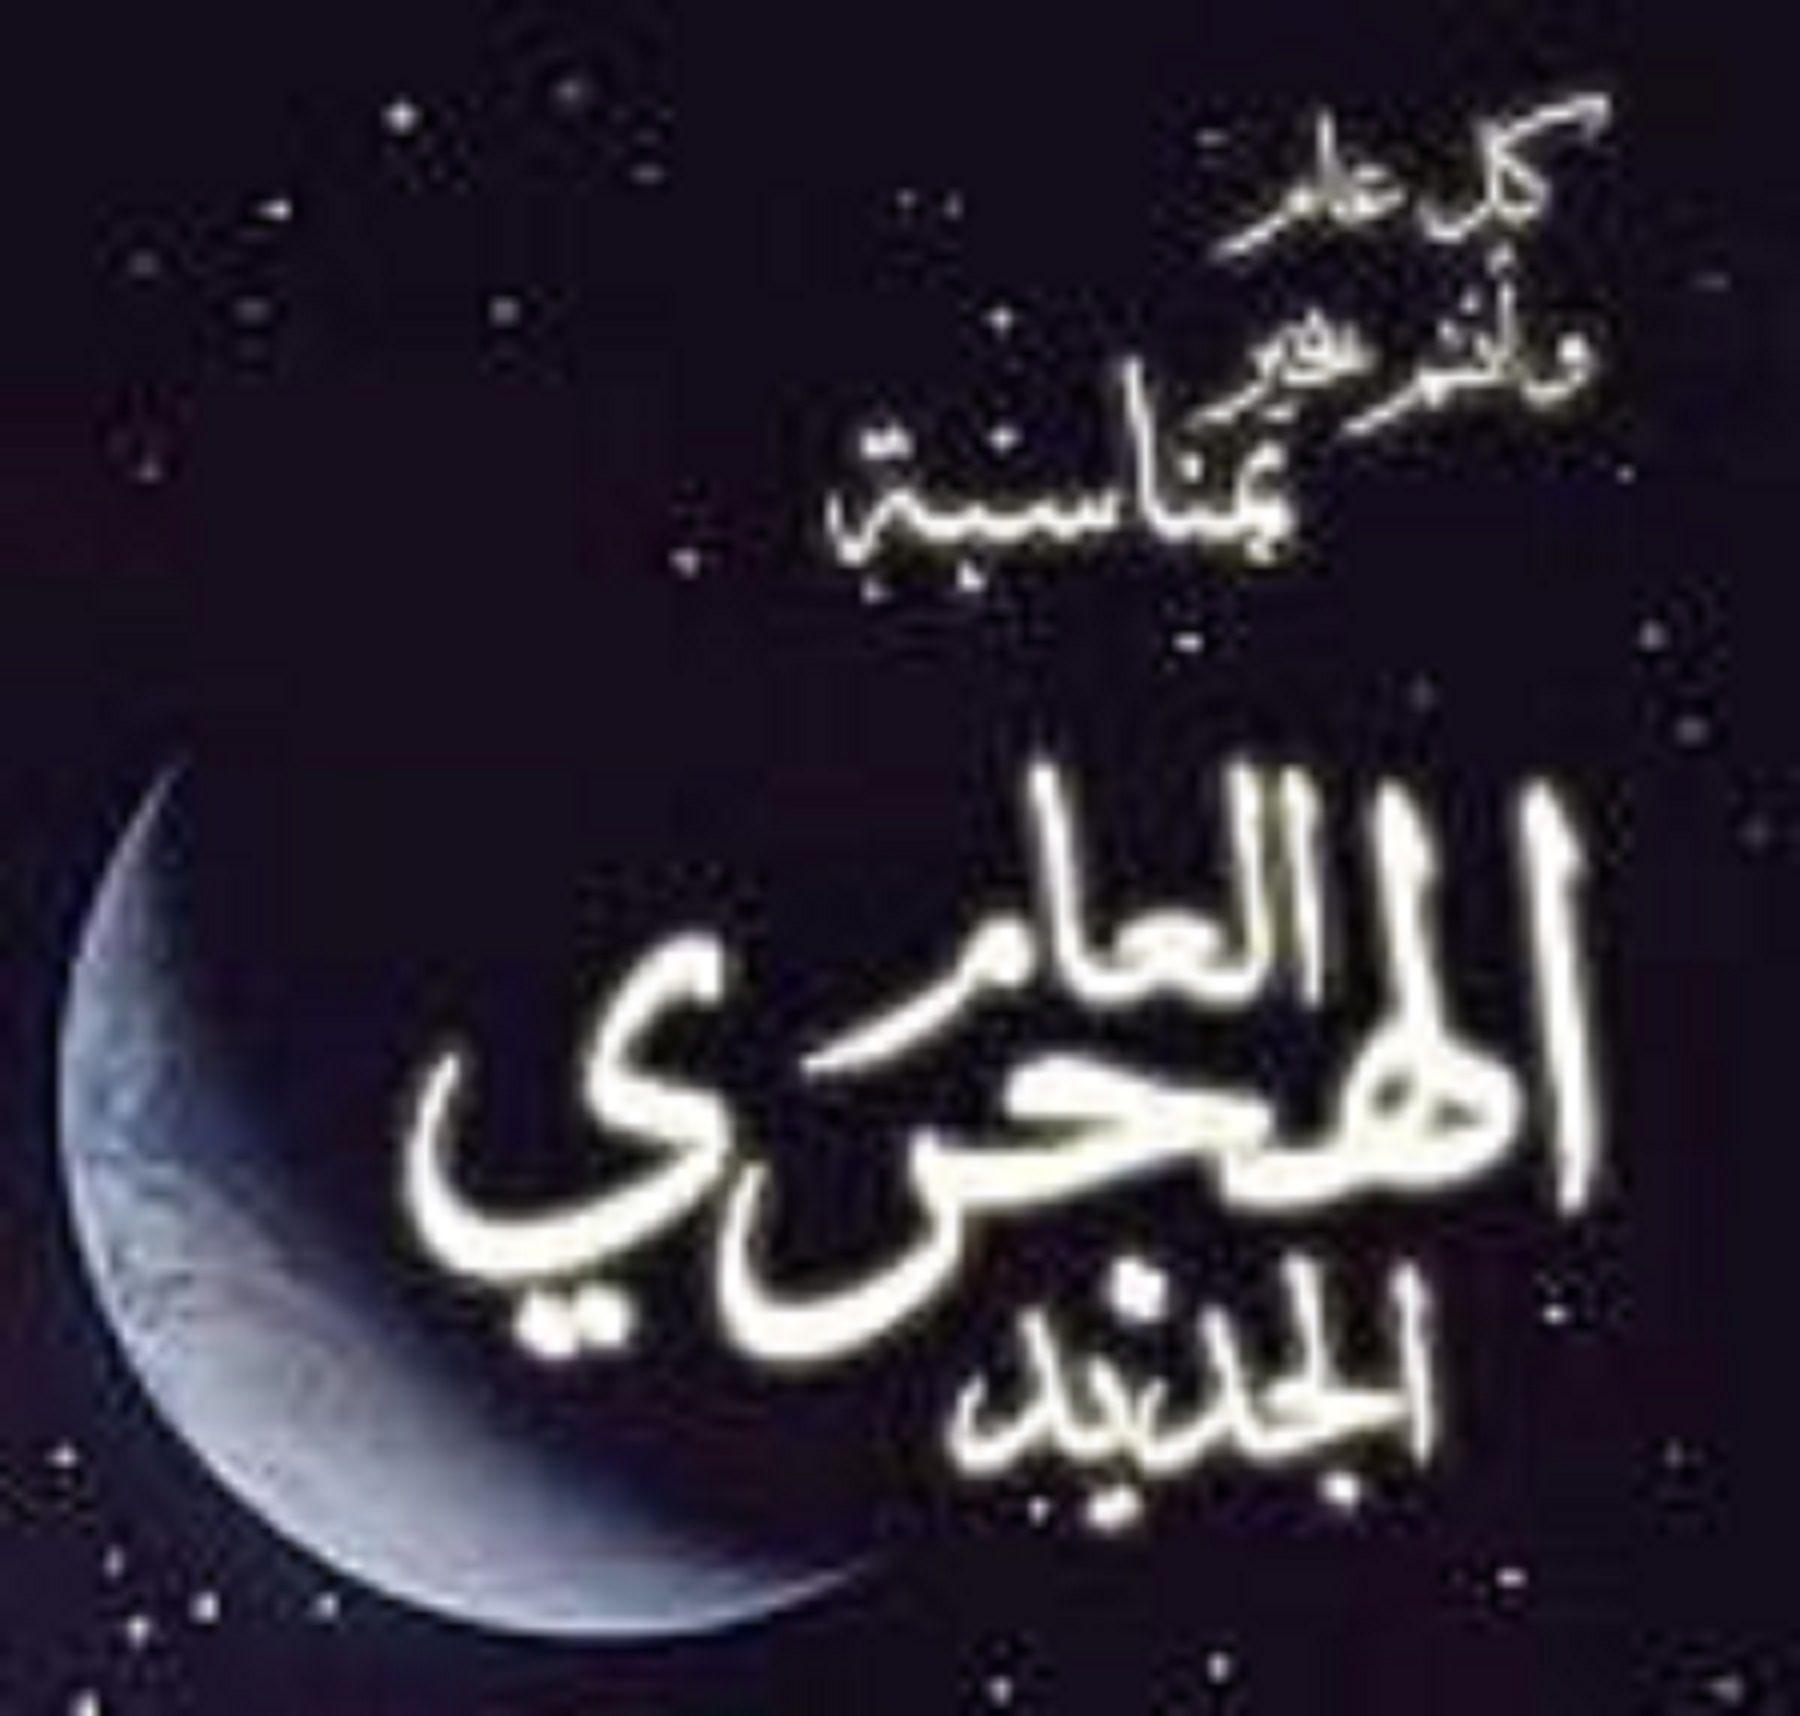 بقيت أيام قليلة وتنتهي السنة بحلوها ومرها وتاتي سنة جديدة لاجل هذا نبدأ السنة الجديدة بصفحة جديدة لاتنظر خلفك Cartoon Faces Neon Signs Arabic Calligraphy